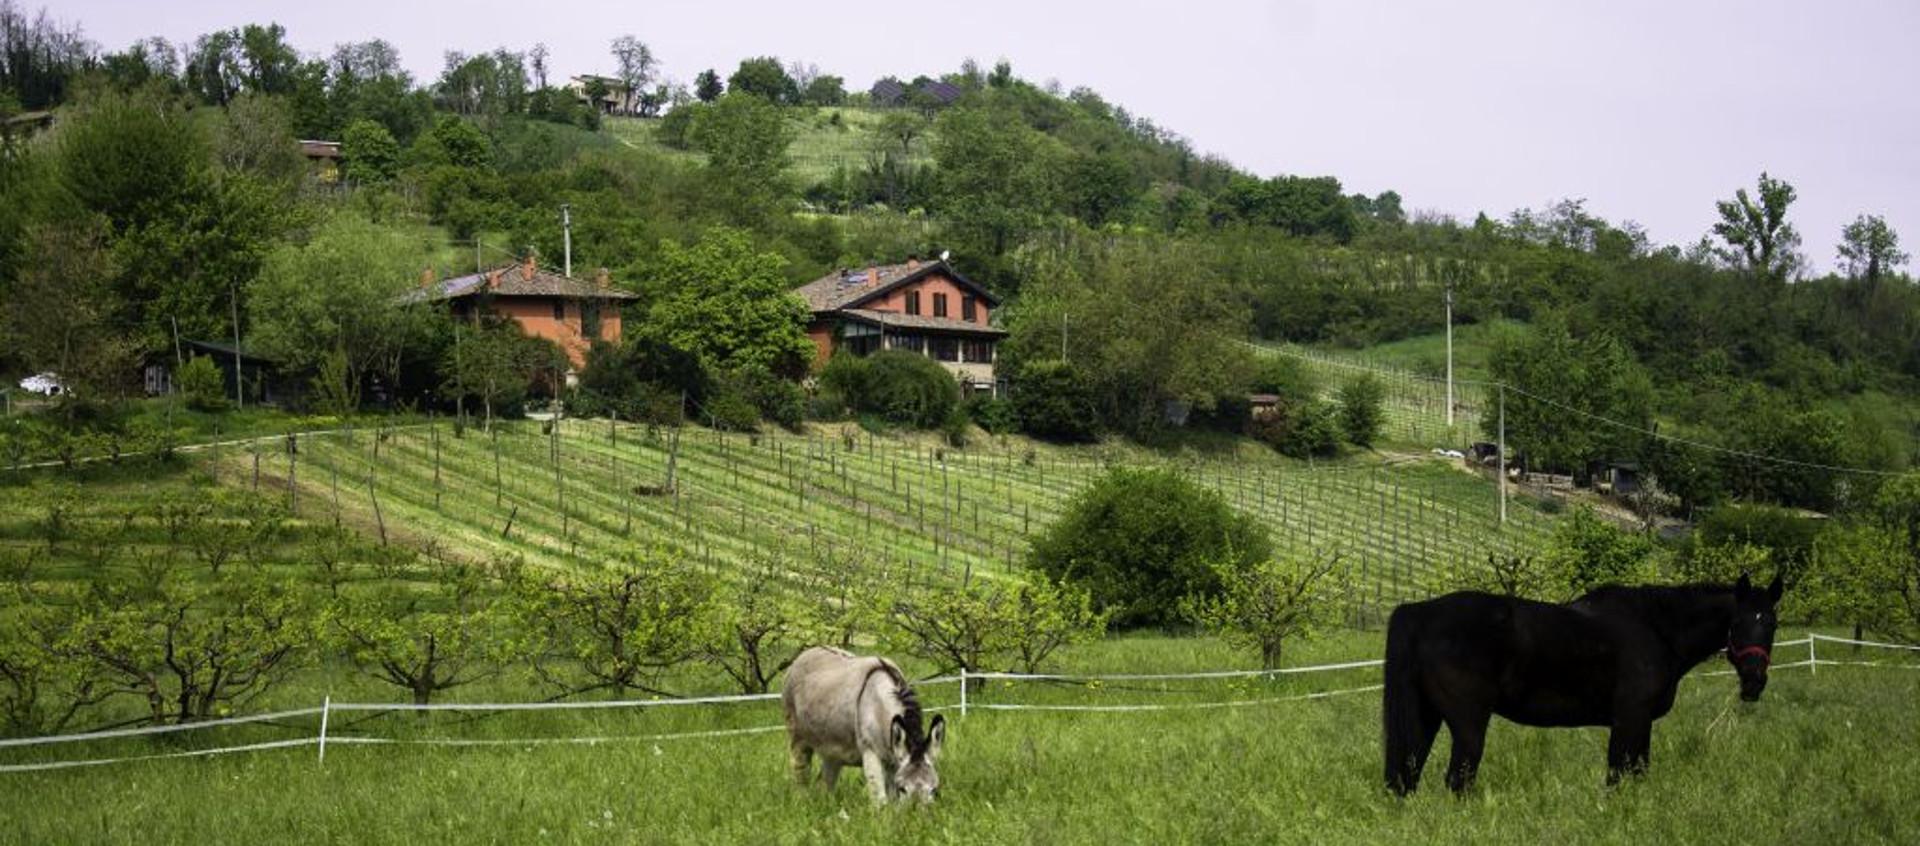 Foto: esterno di fattoria